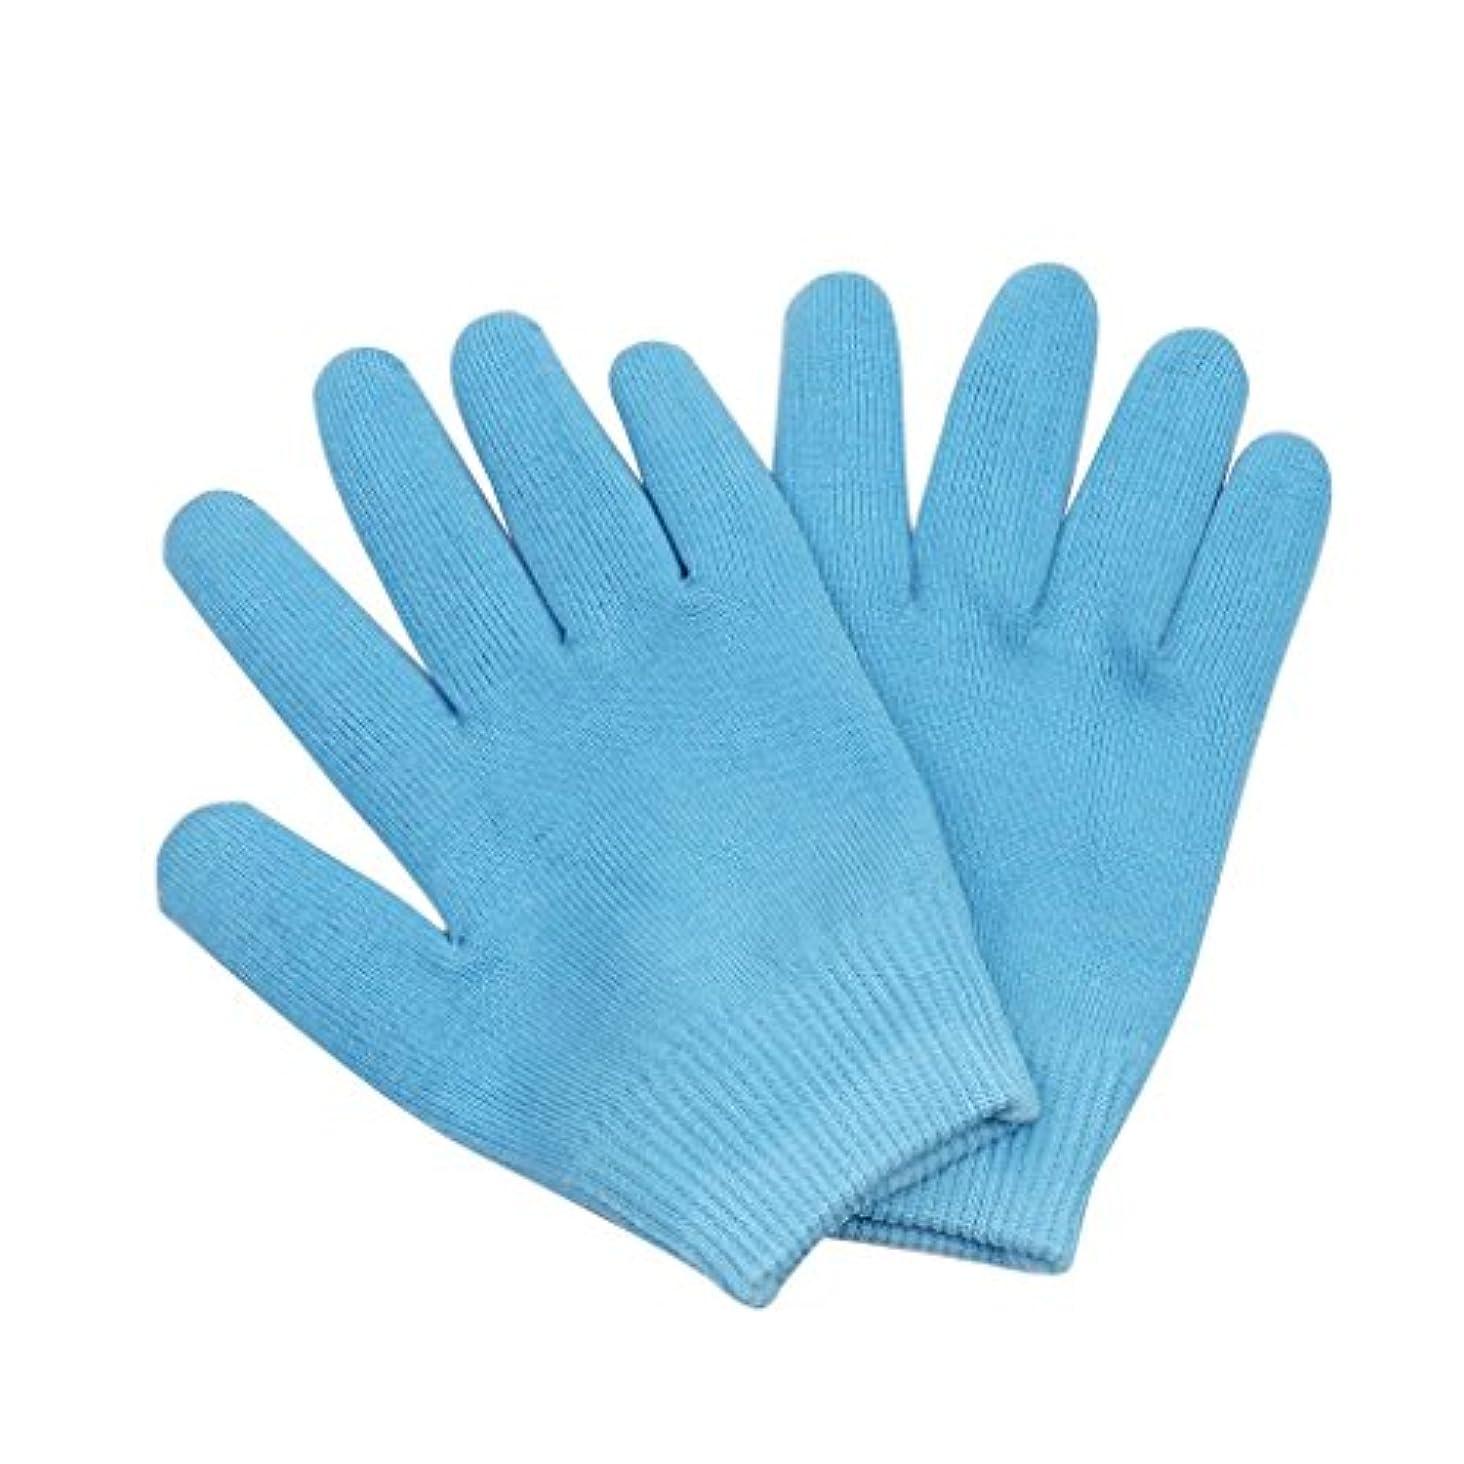 換気マリン潜むSONONIA 保湿手袋 おやすみ手袋 就寝用 手袋 手湿疹 肌荒れ 乾燥防止 乾燥肌 手荒れ 保湿 スキンケア 全3色選べ - ブルー